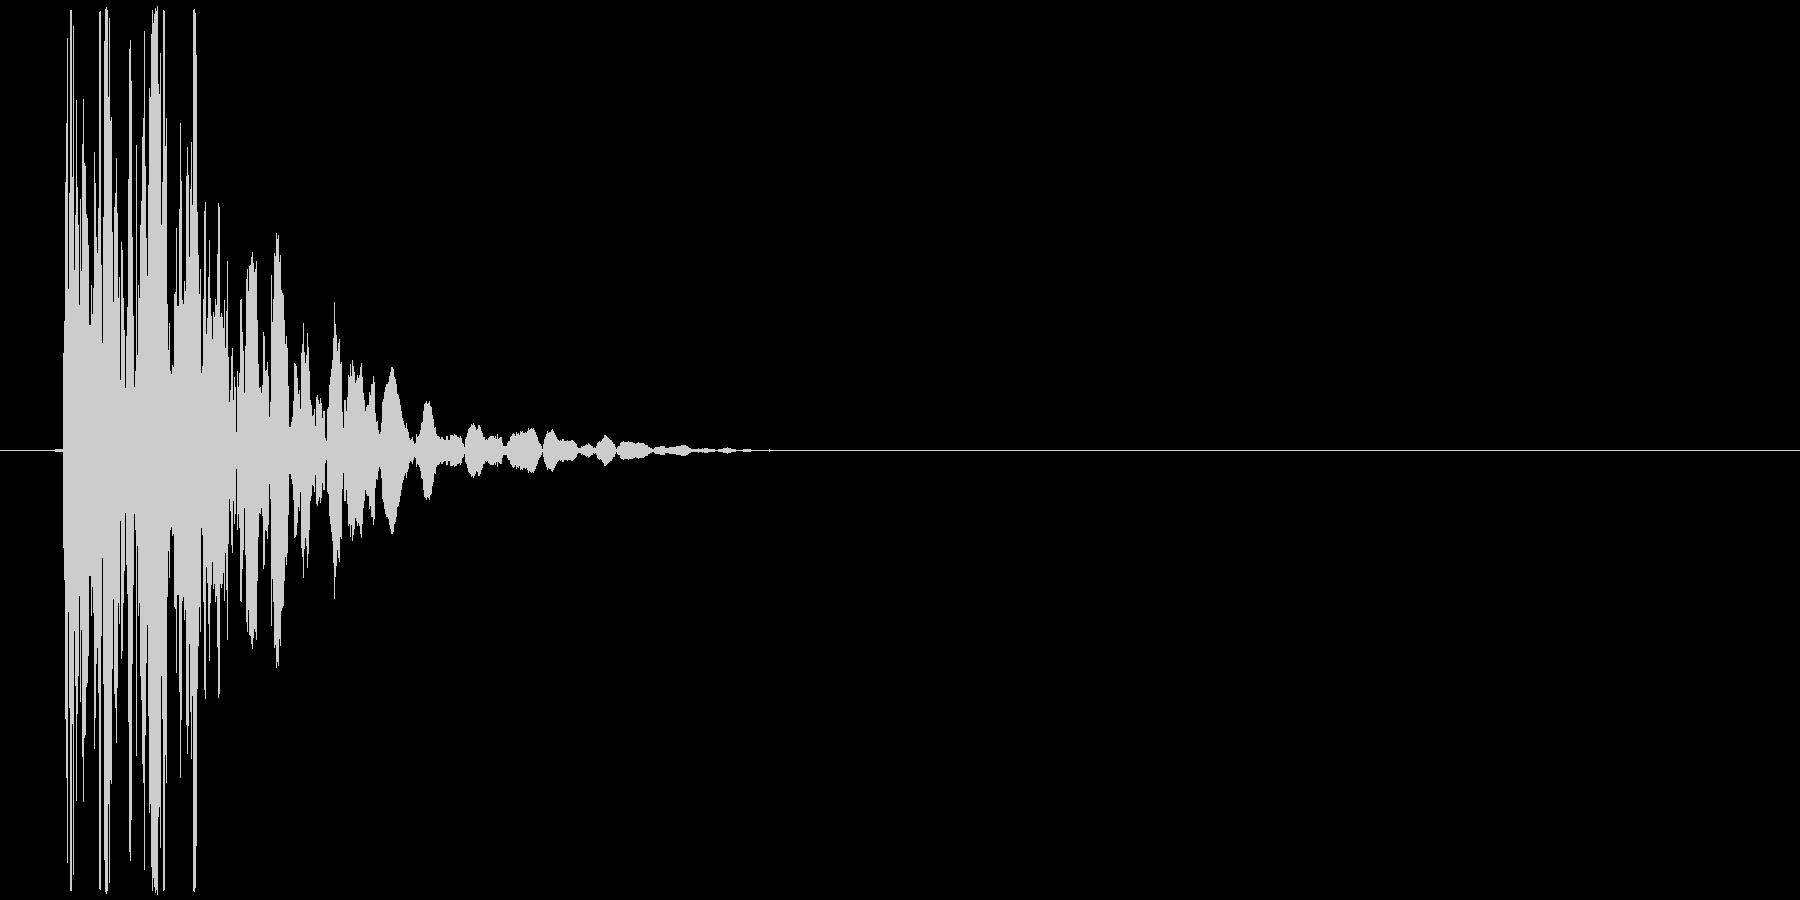 パンチ、どつく時などの打撃音の未再生の波形